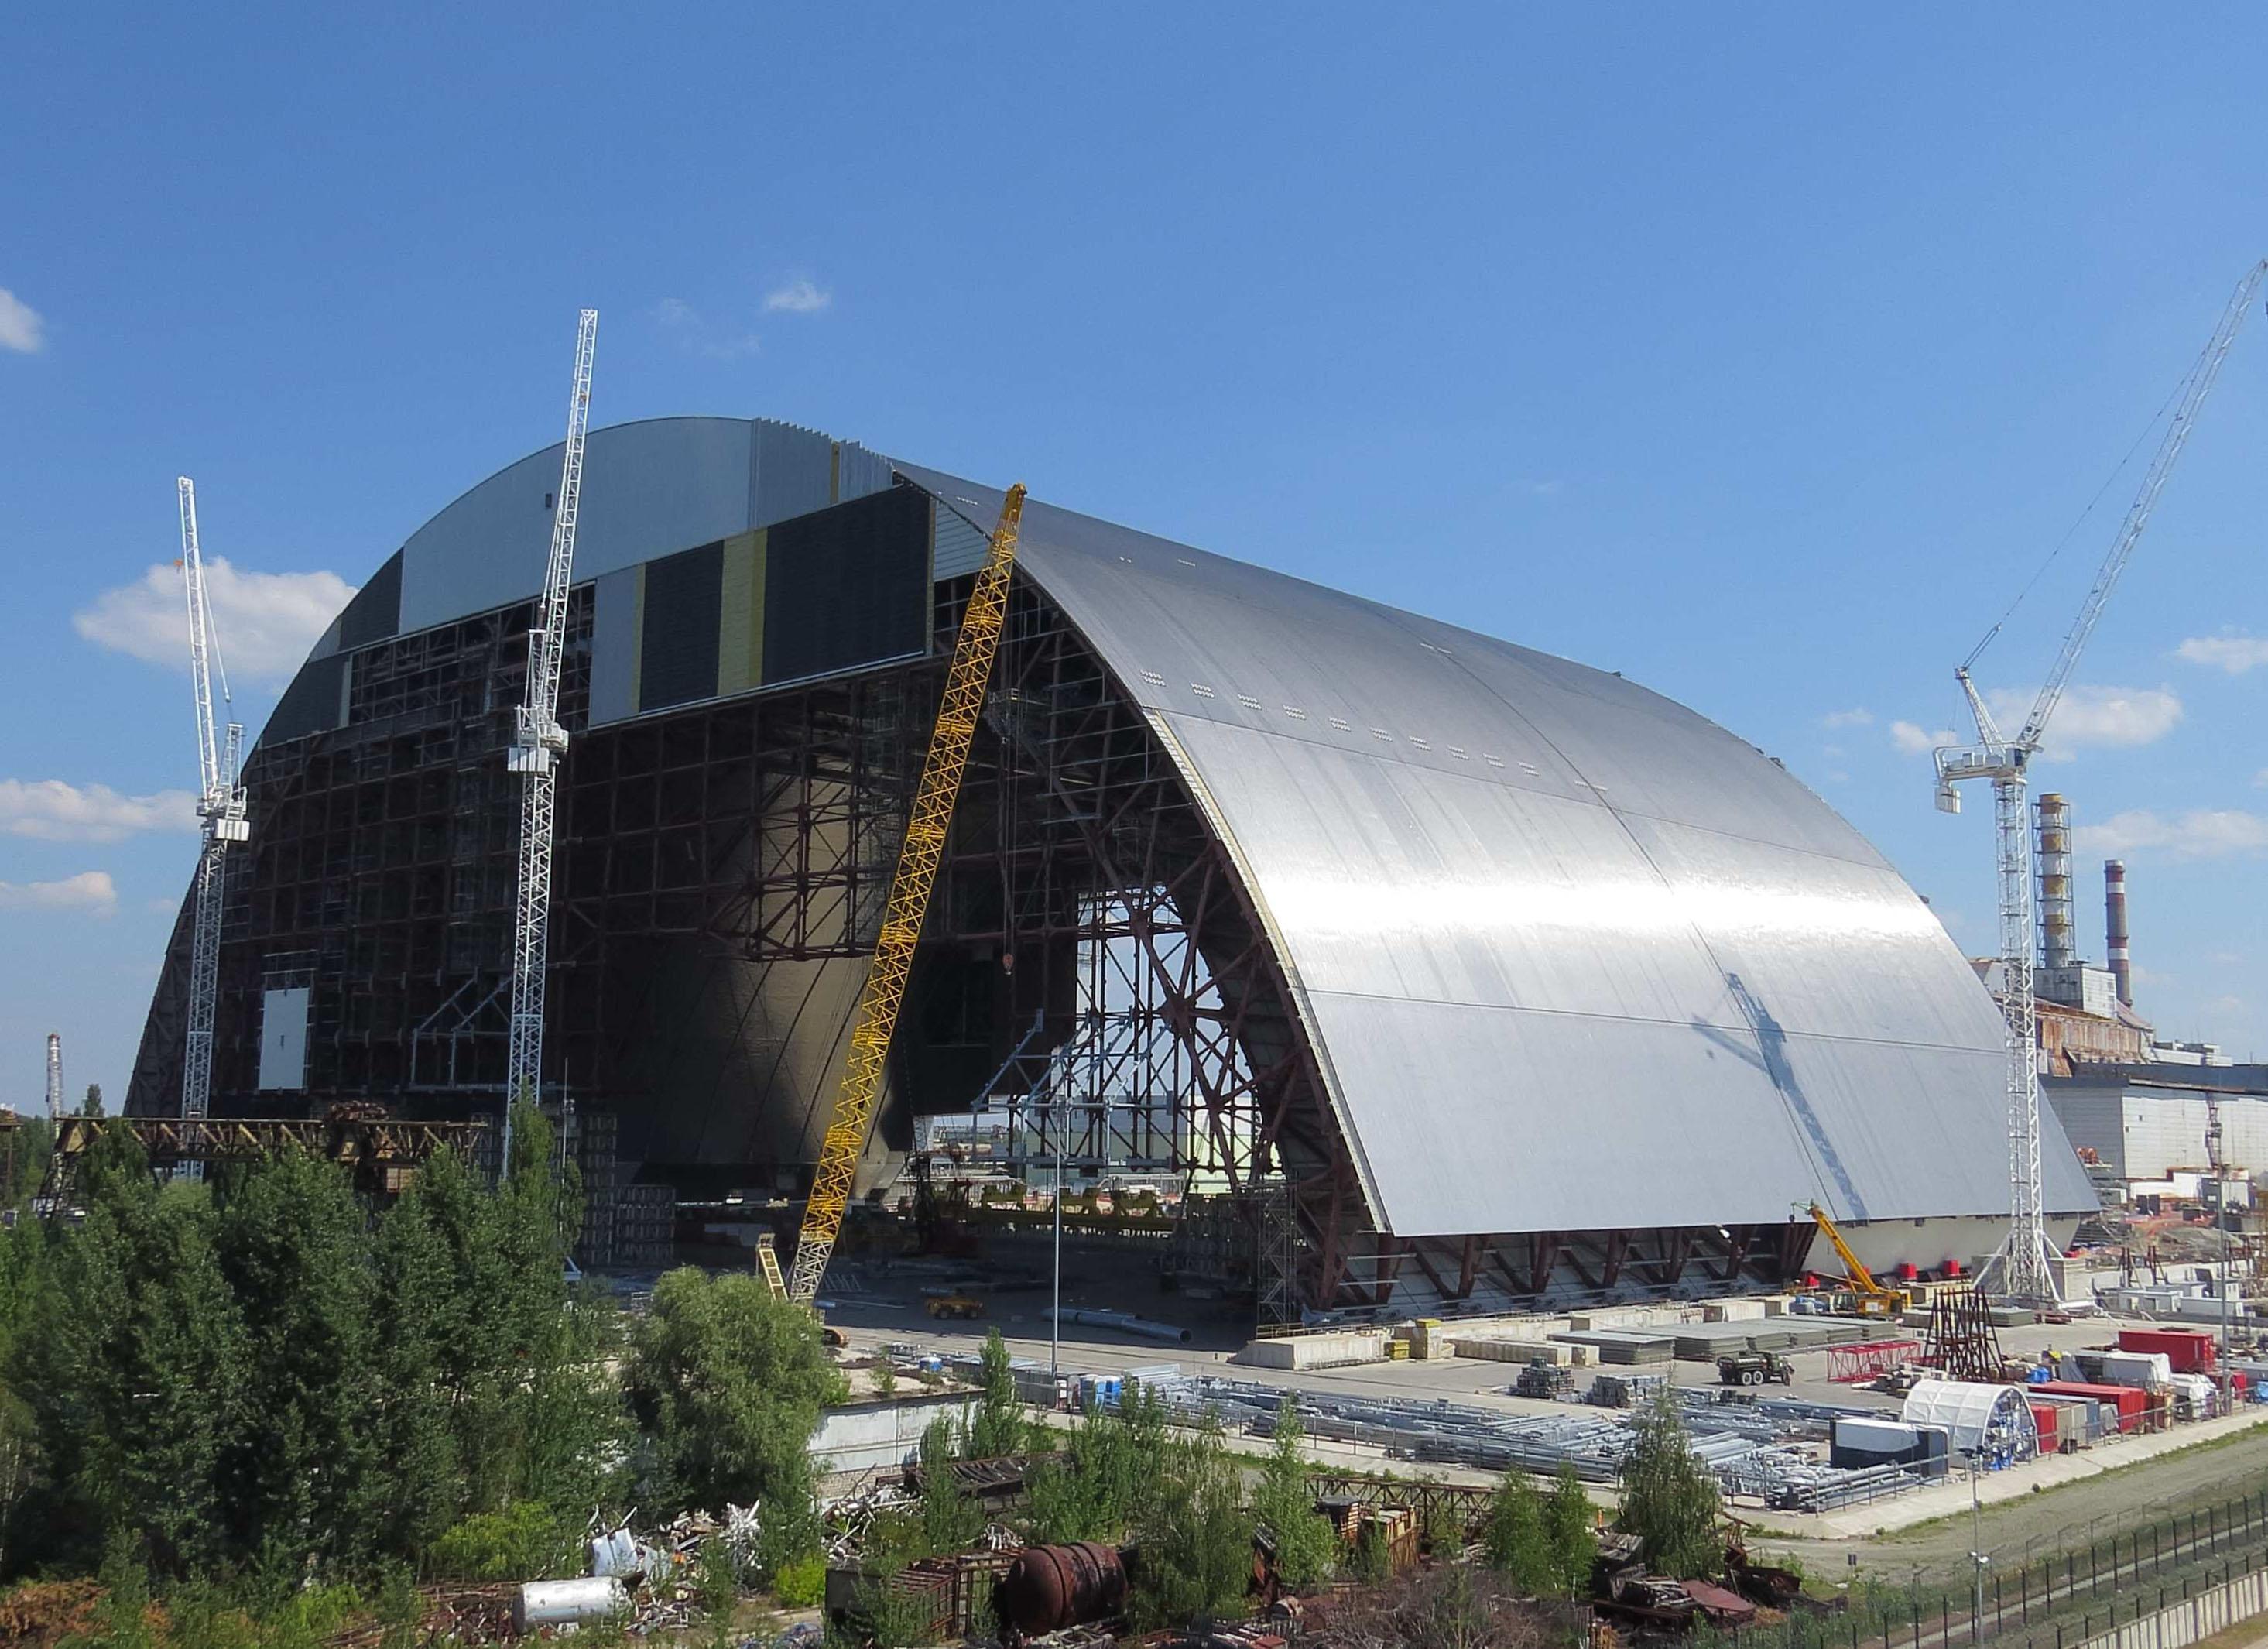 Саркофаг над 4-м энергоблоком ЧАЭС, Чернобыль зона отчуждения обои, 2930 на 2130 пикселей